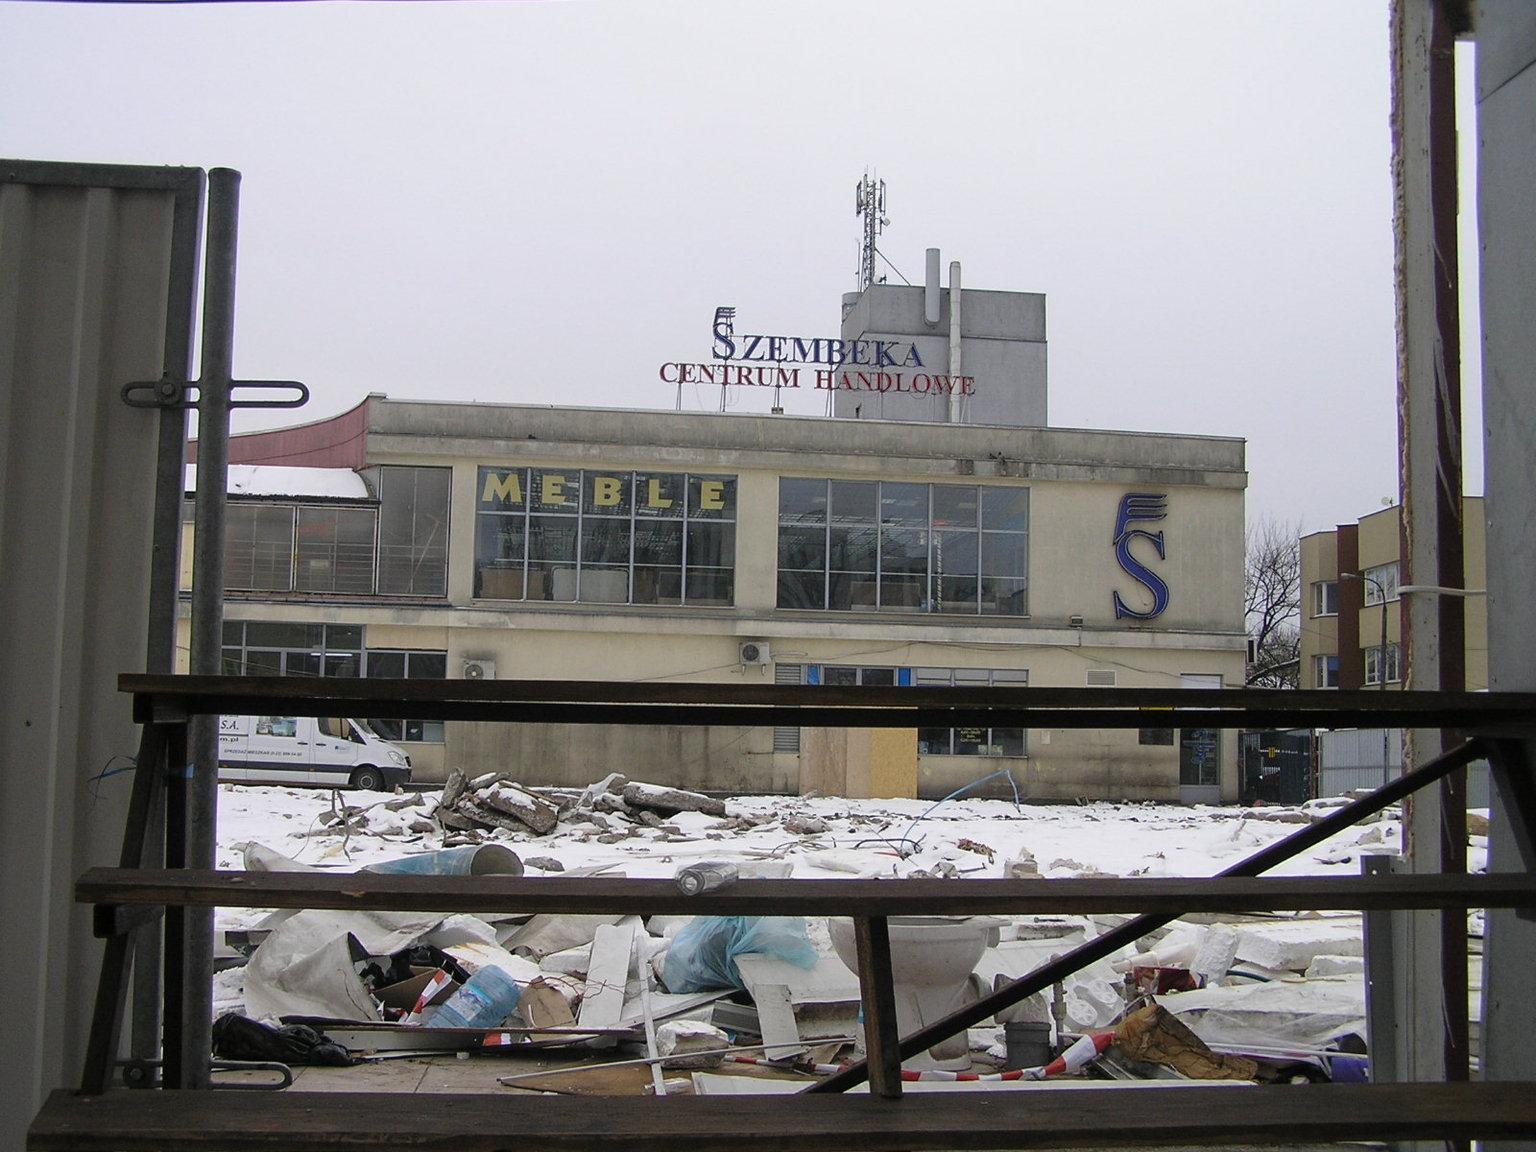 Przebudowa targowiska CH Szembeka